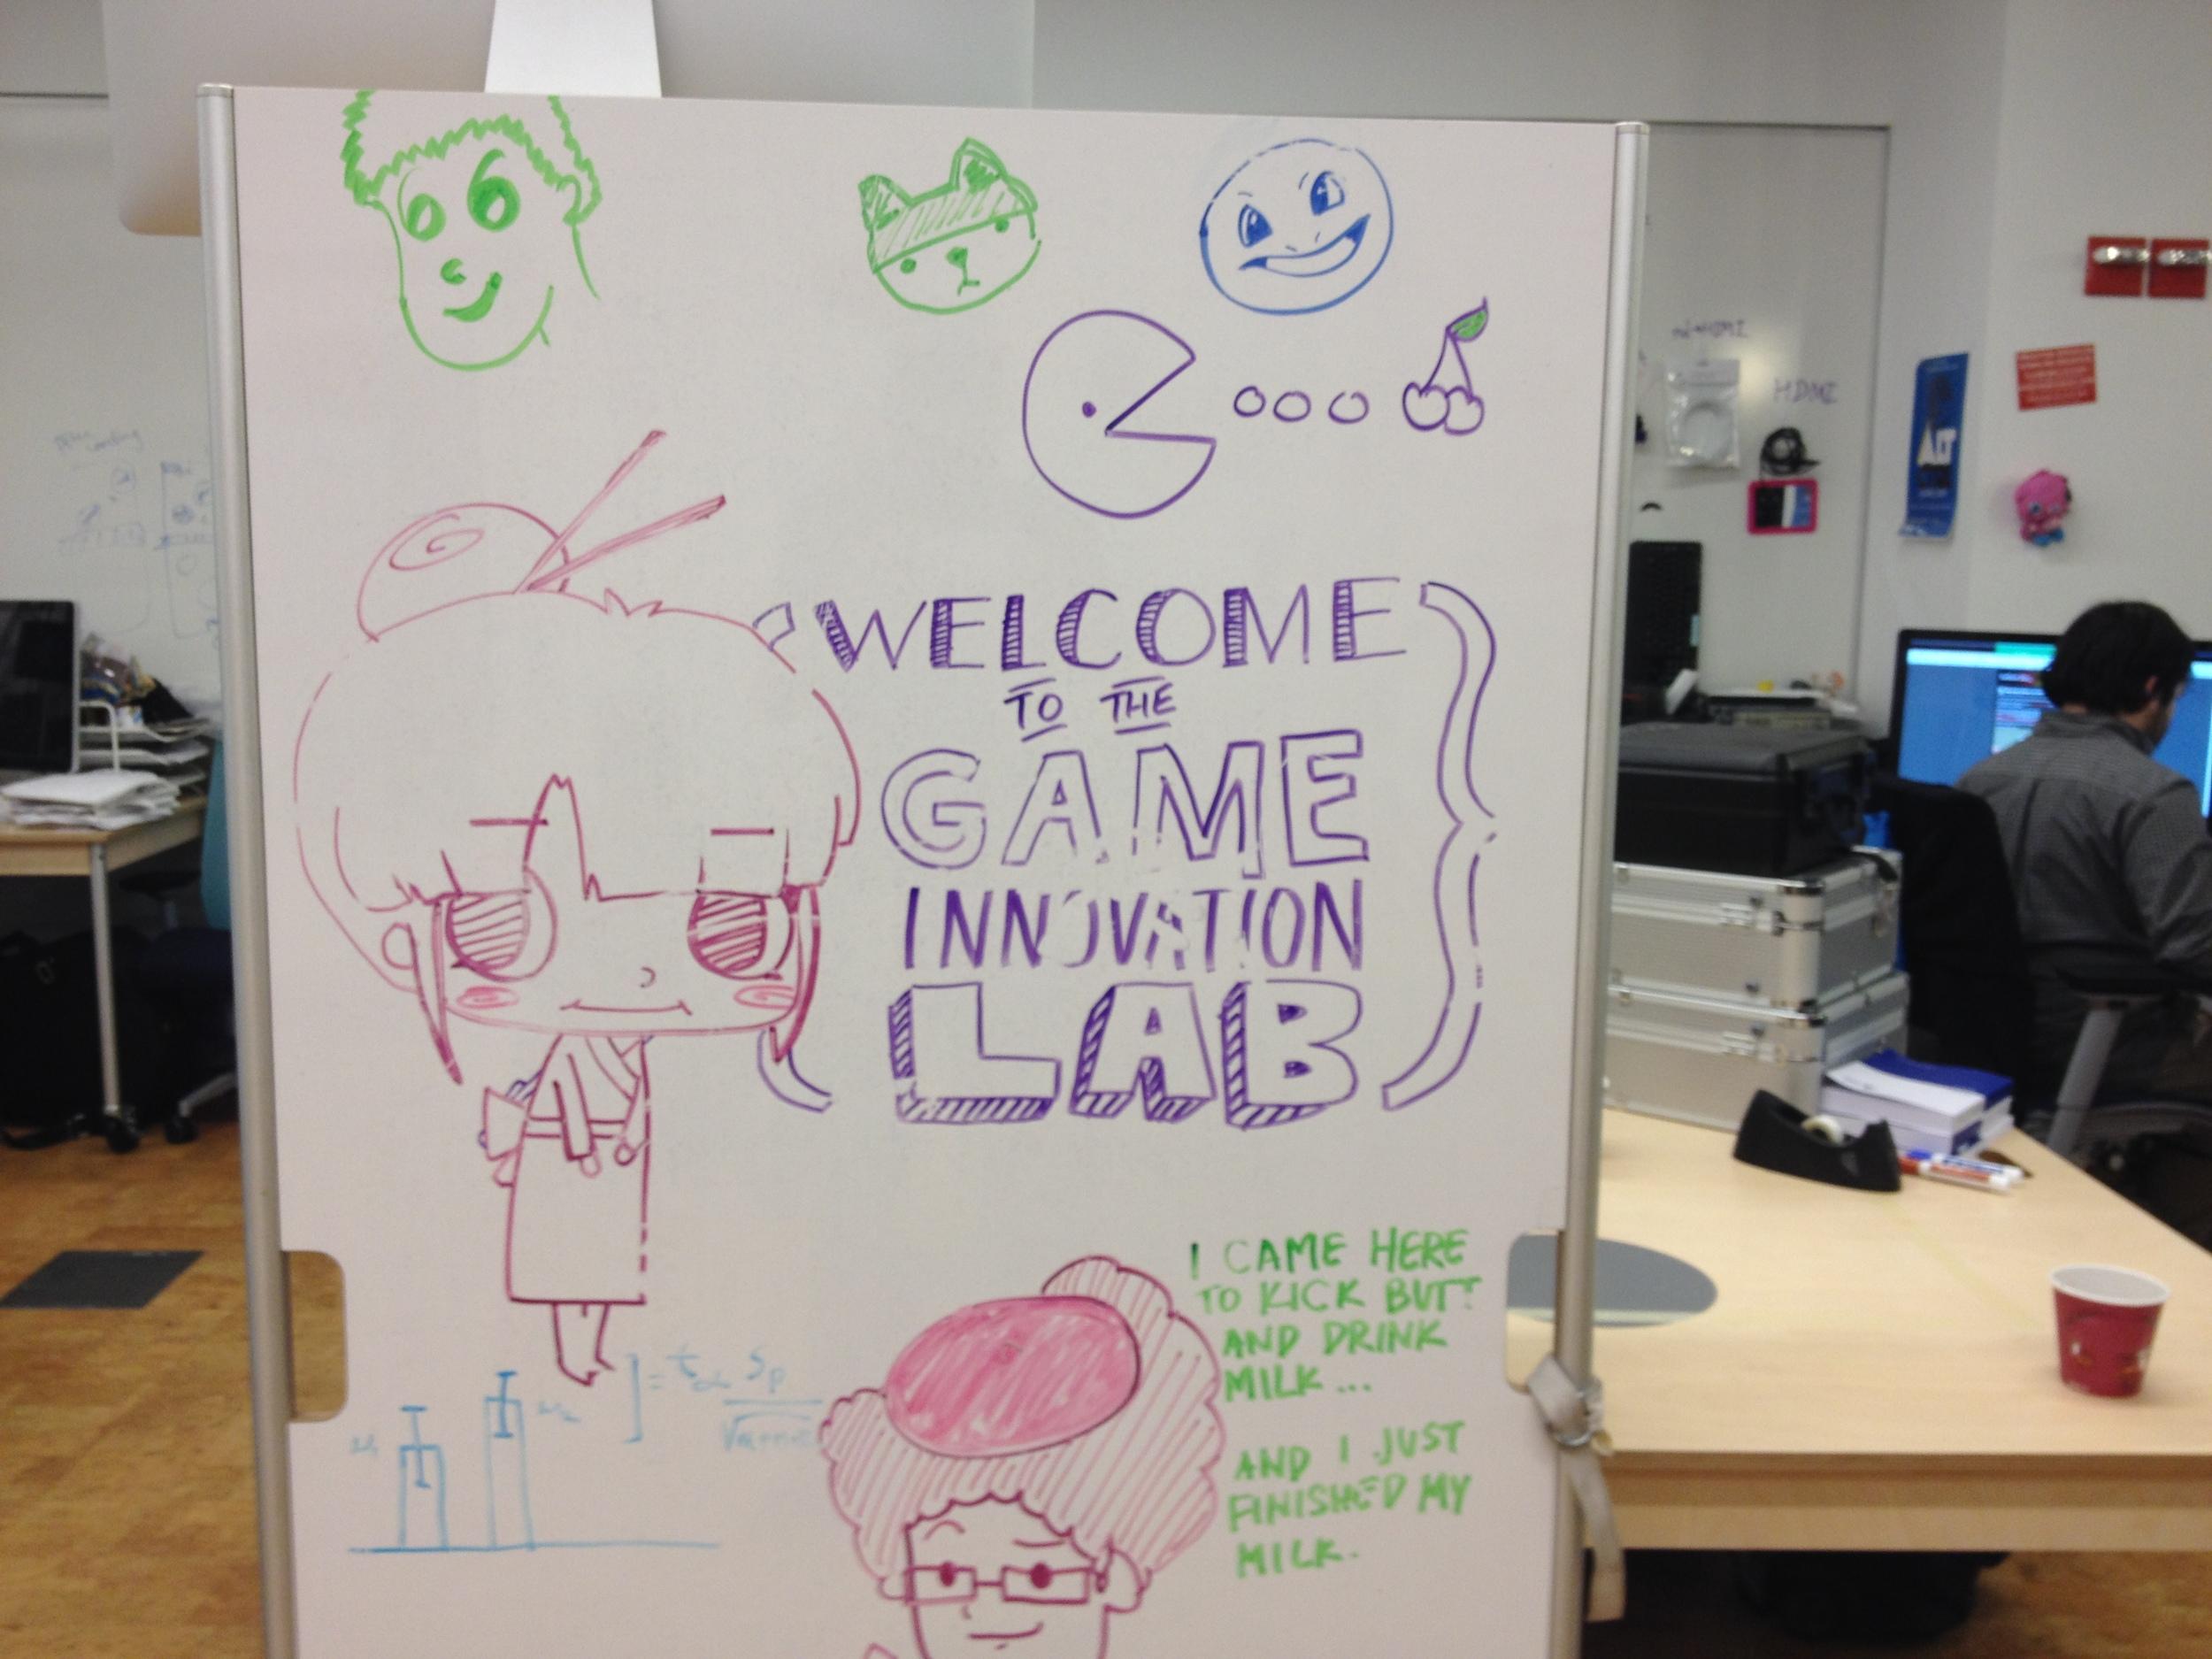 Wall art at the Game Innovation Lab at NYU.